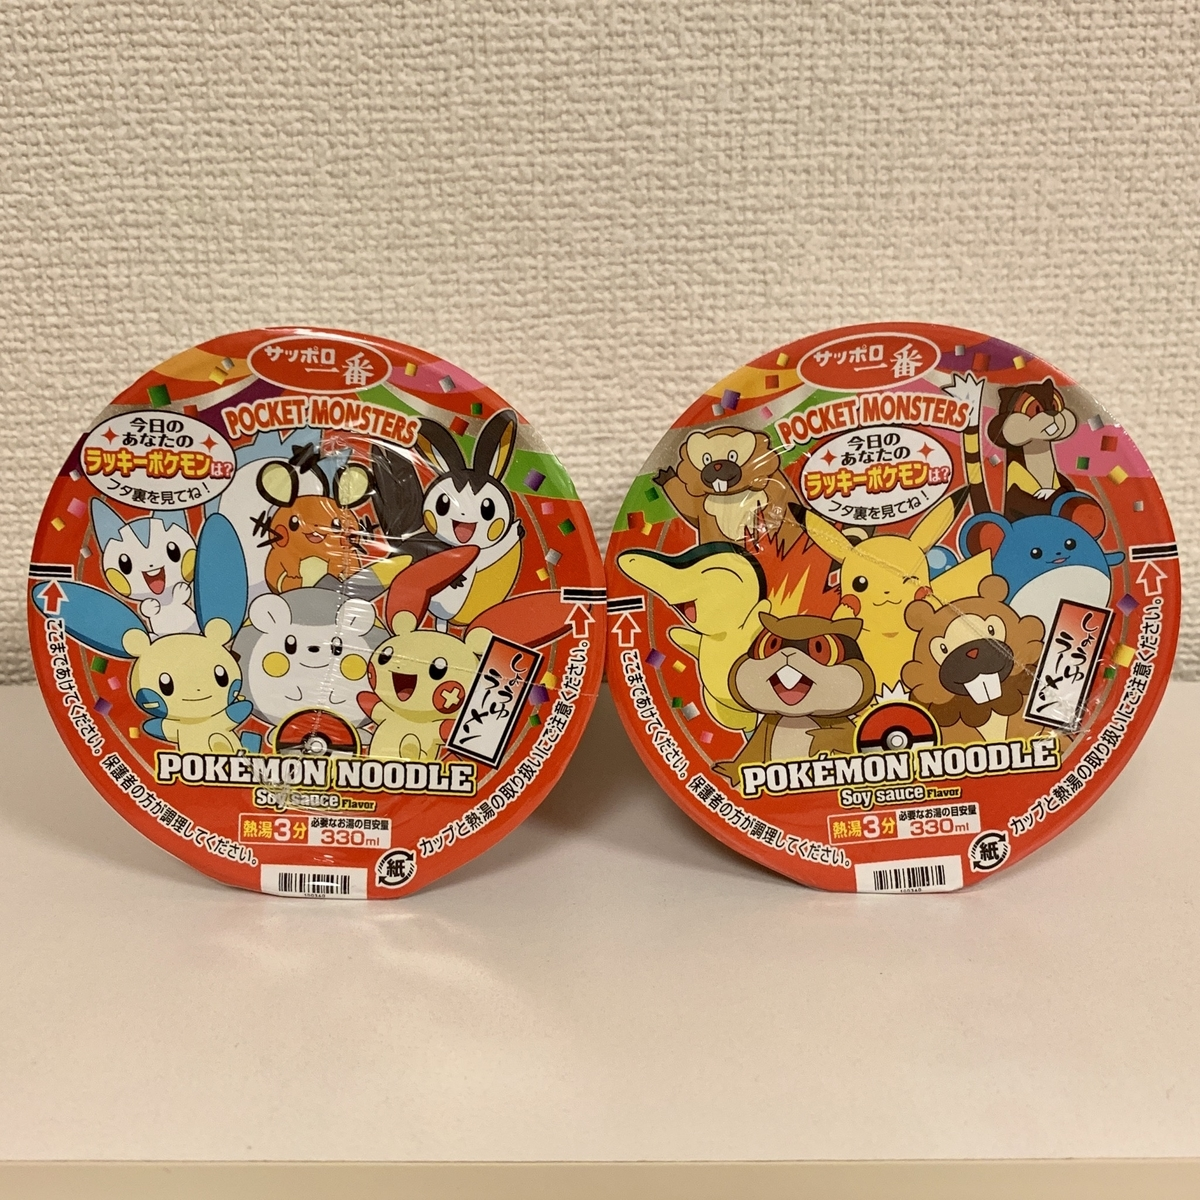 f:id:pikachu_pcn:20191217204208j:plain